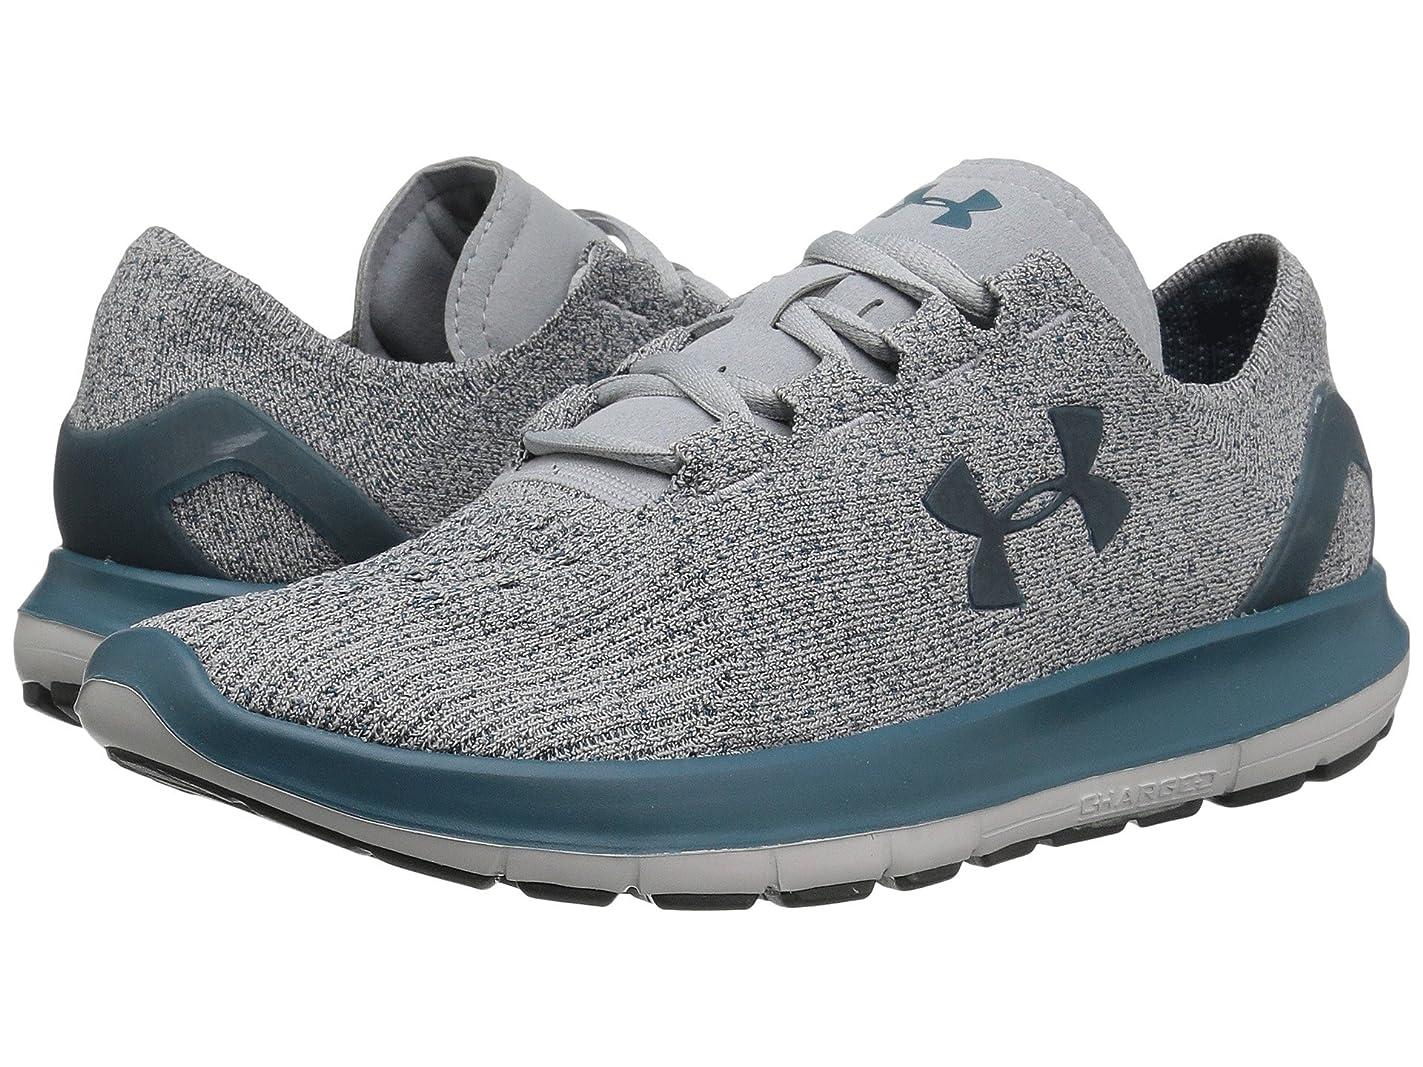 メイエラ郵便トリッキー(アンダーアーマー) UNDER ARMOUR レディースランニングシューズ?スニーカー?靴 UA Speedform Slingride TRI Overcast Gray/Glacier Gray/Marlin Blue 5 (22cm) B - Medium